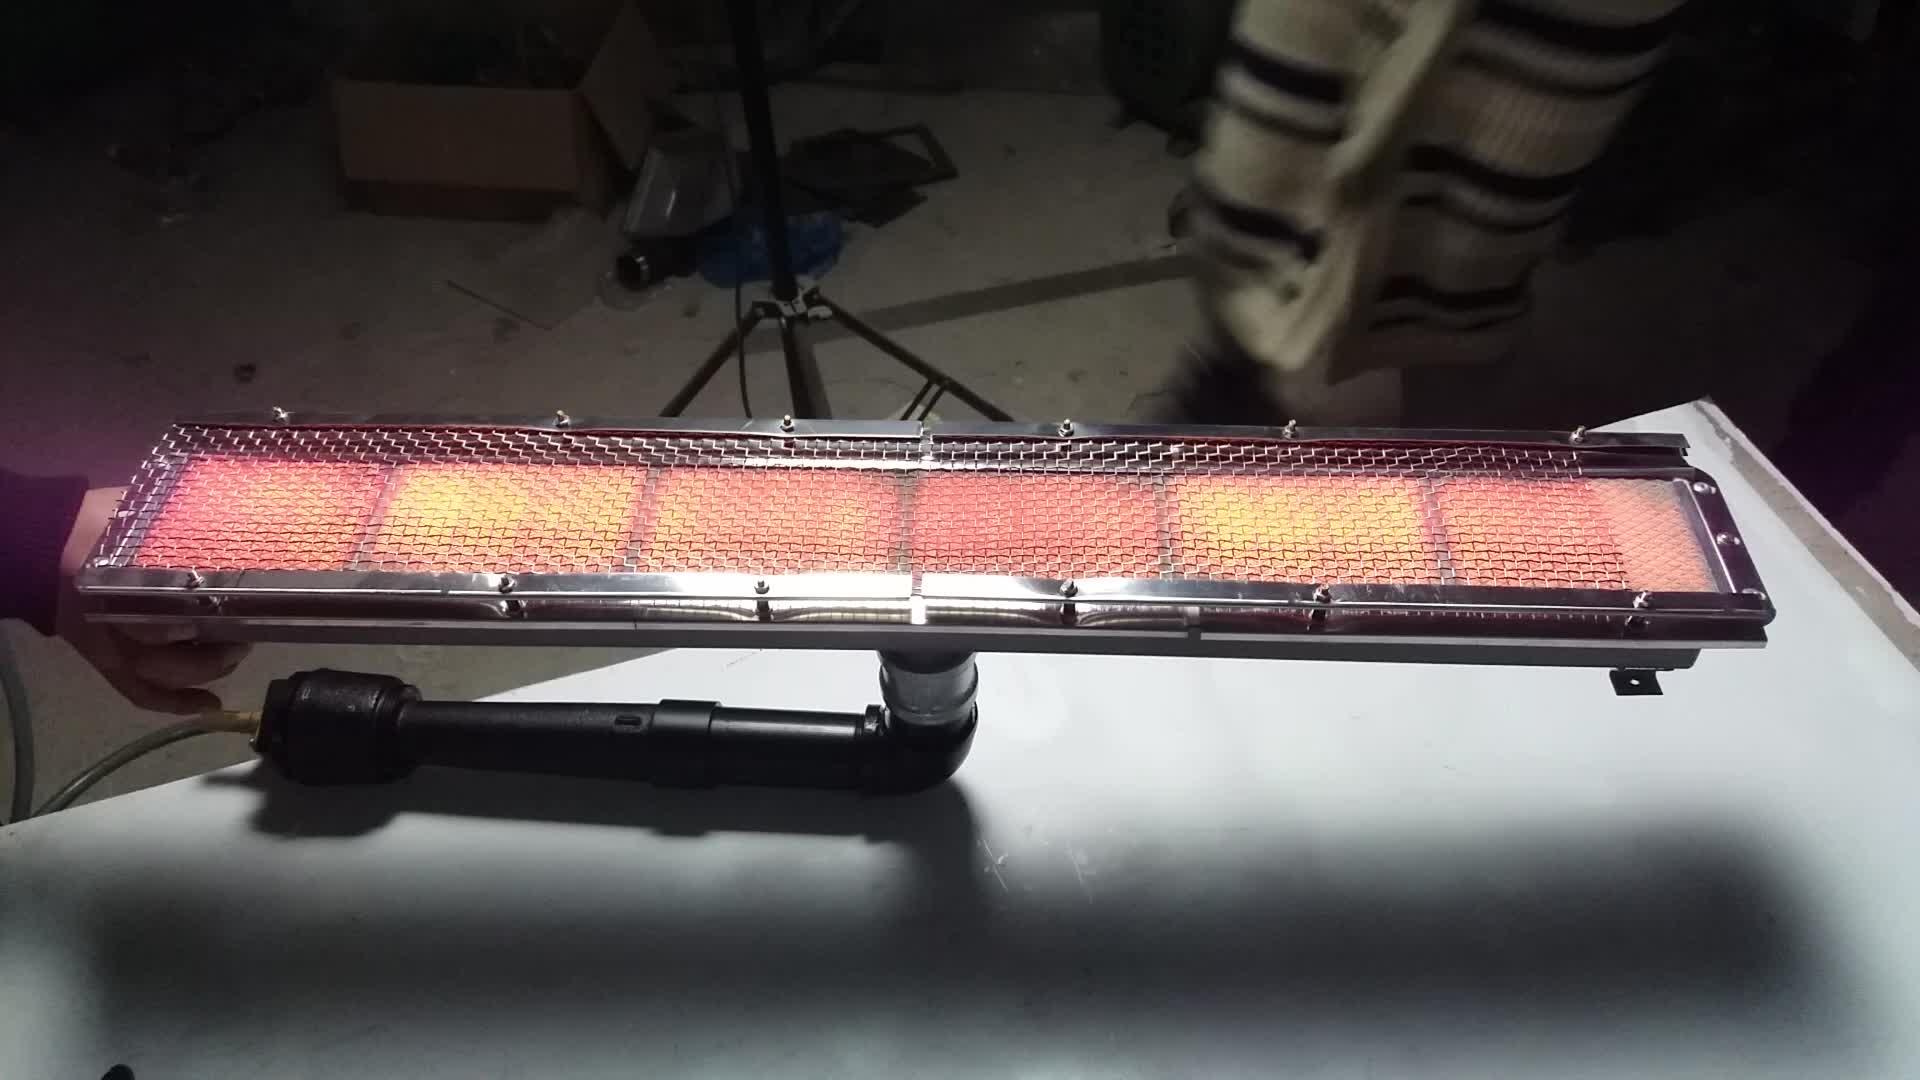 Guanti in lattice di gomma macchina impianti di riscaldamento-bruciatore a infrarossi HD262